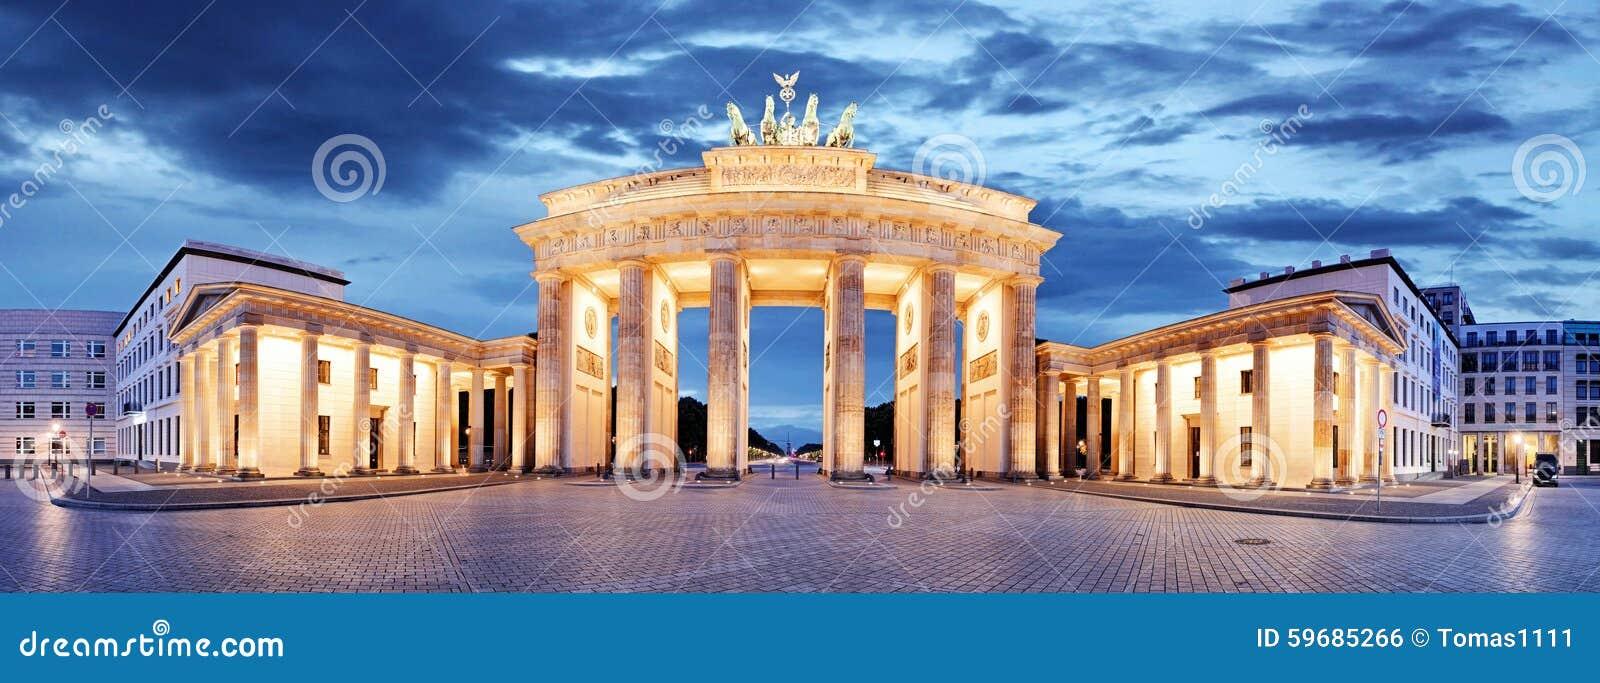 porta di brandeburgo berlino germania panorama fotografia stock immagine 59685266. Black Bedroom Furniture Sets. Home Design Ideas